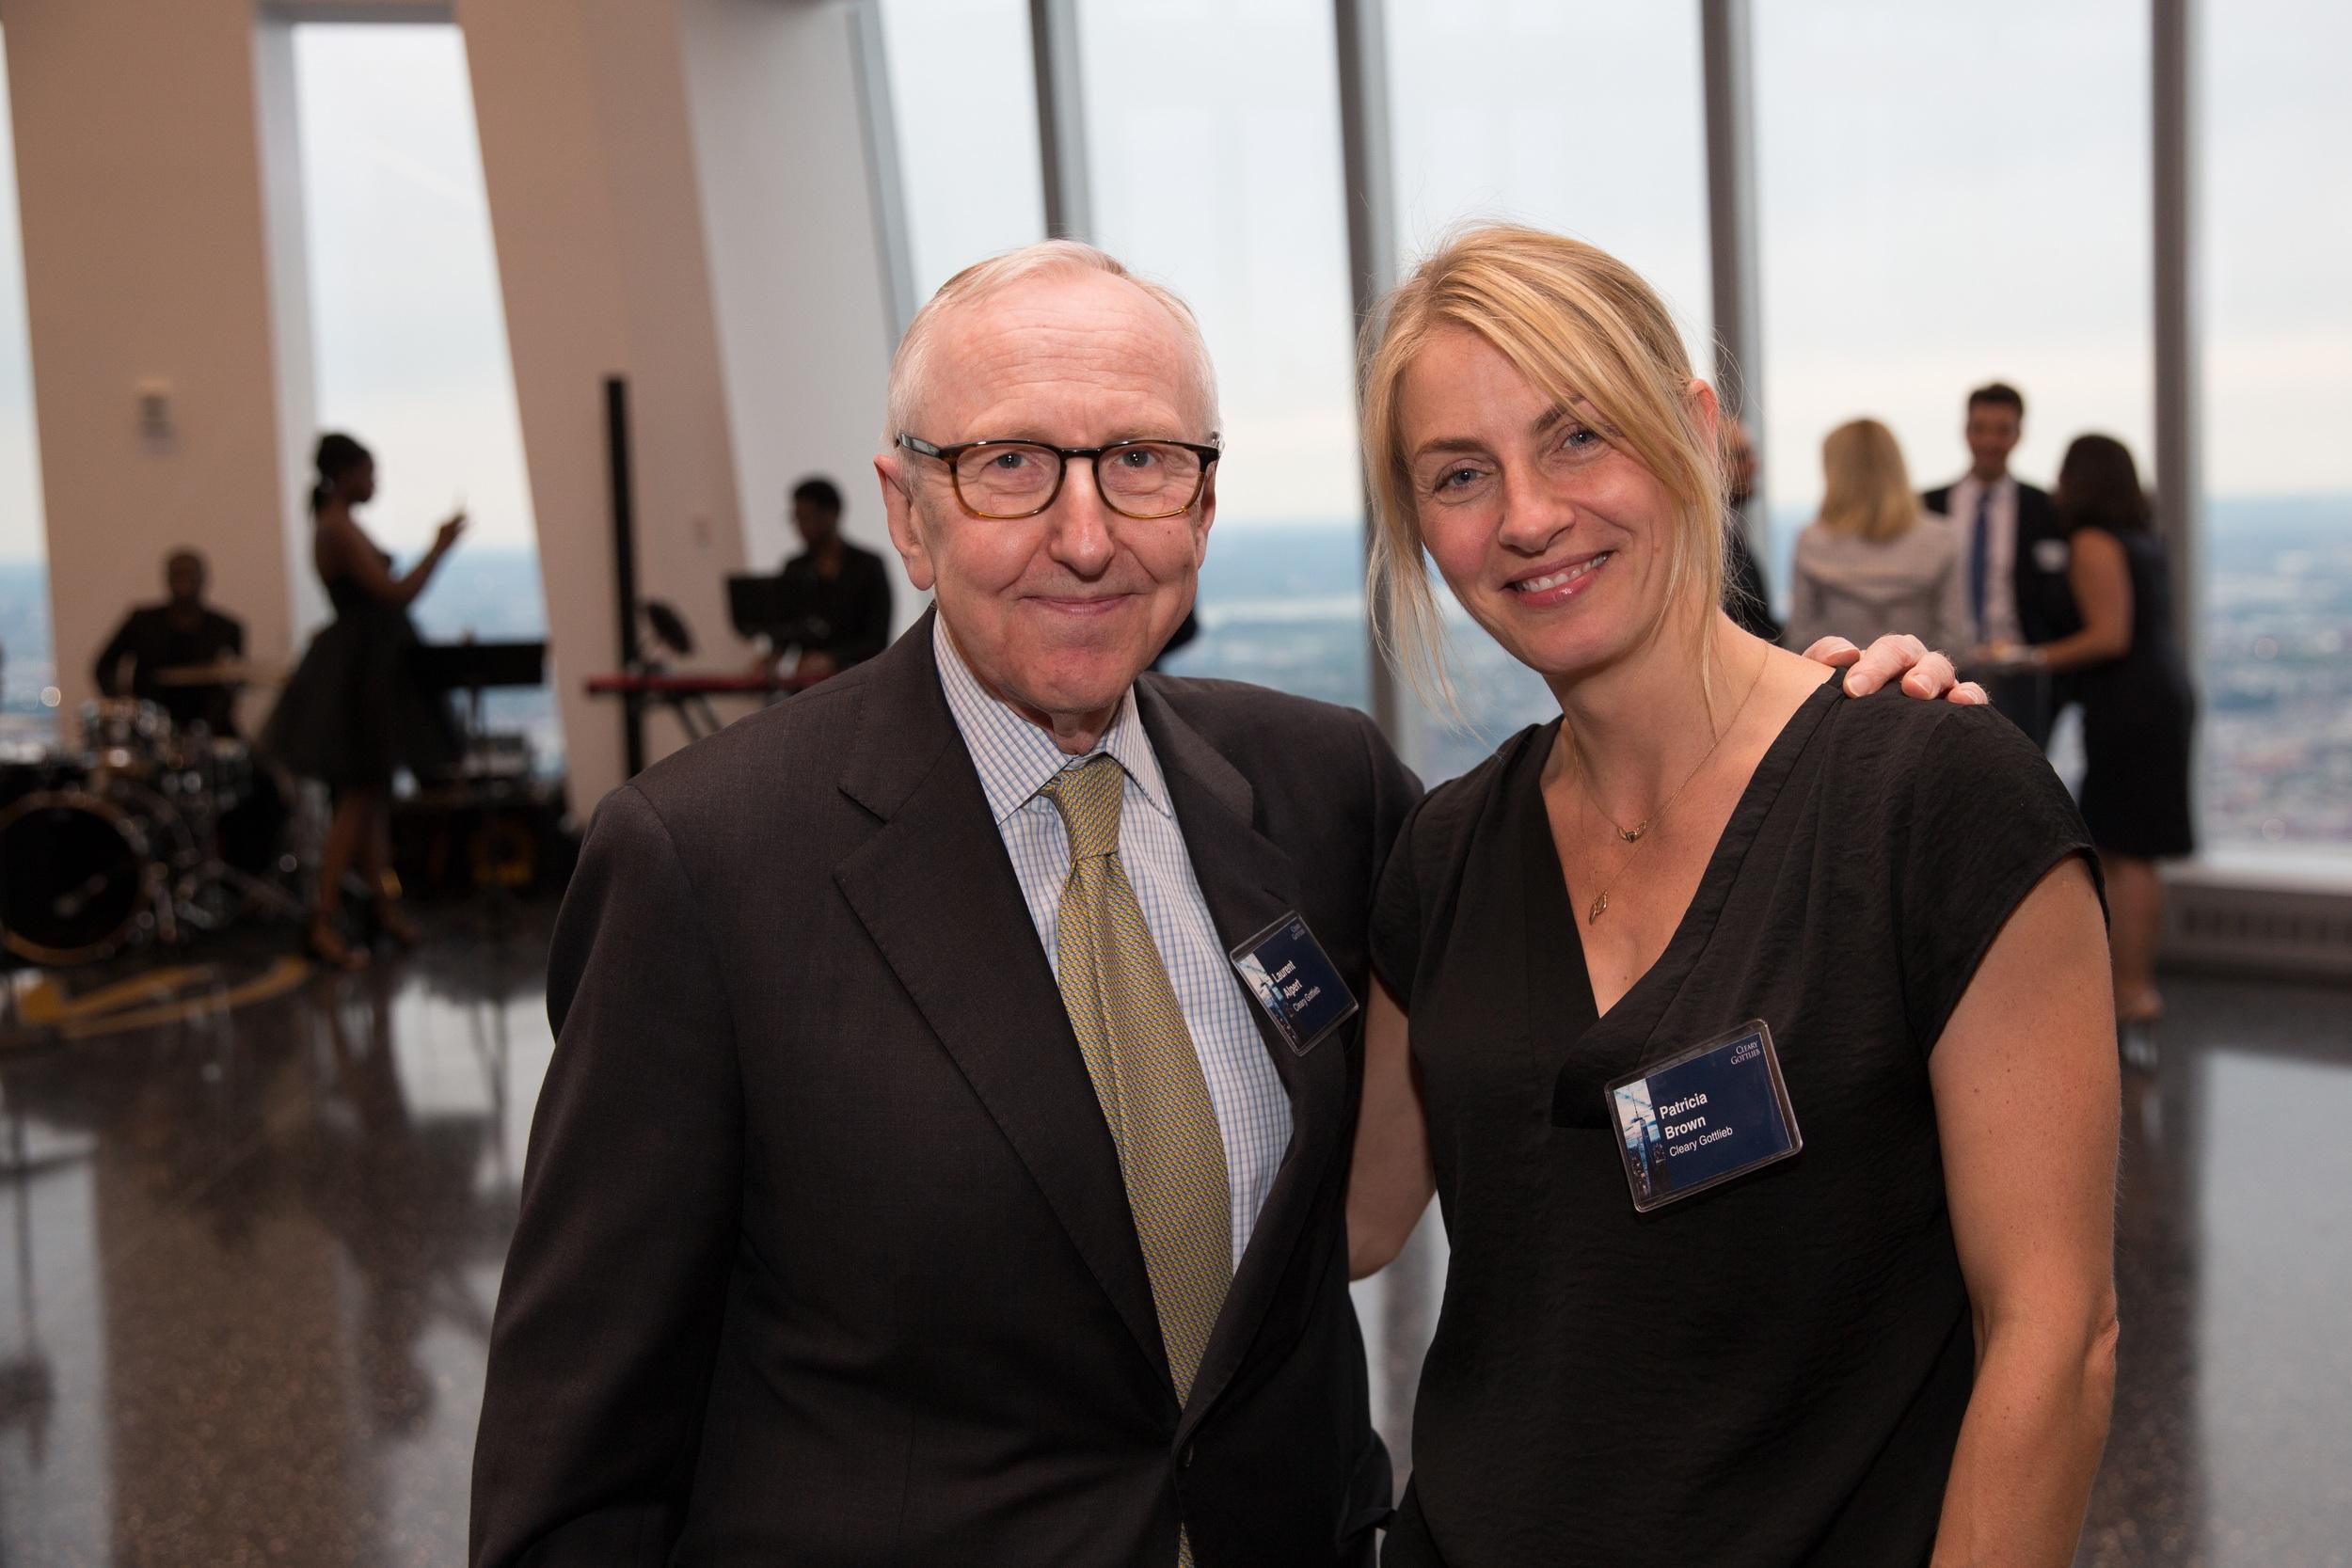 With the very lovely Laurent Alpert, Partner, New York.